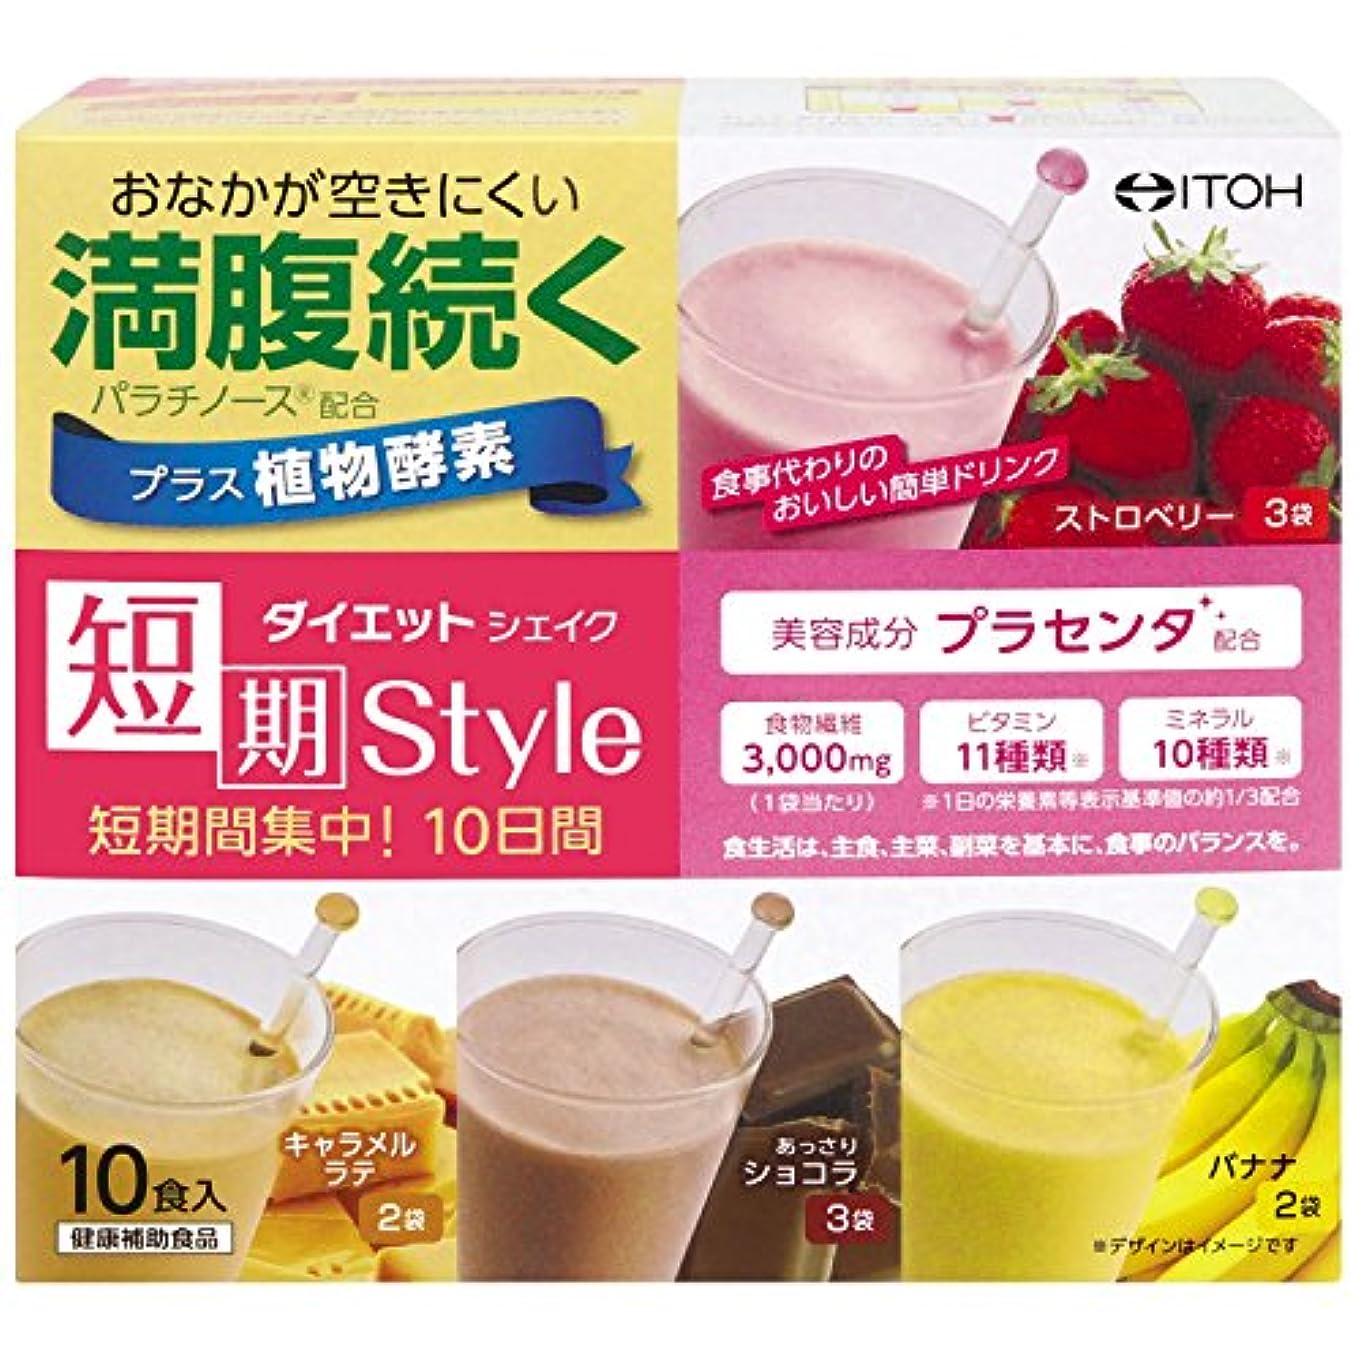 組メンター打撃井藤漢方製薬 短期スタイル ダイエットシェイク 25g×10袋